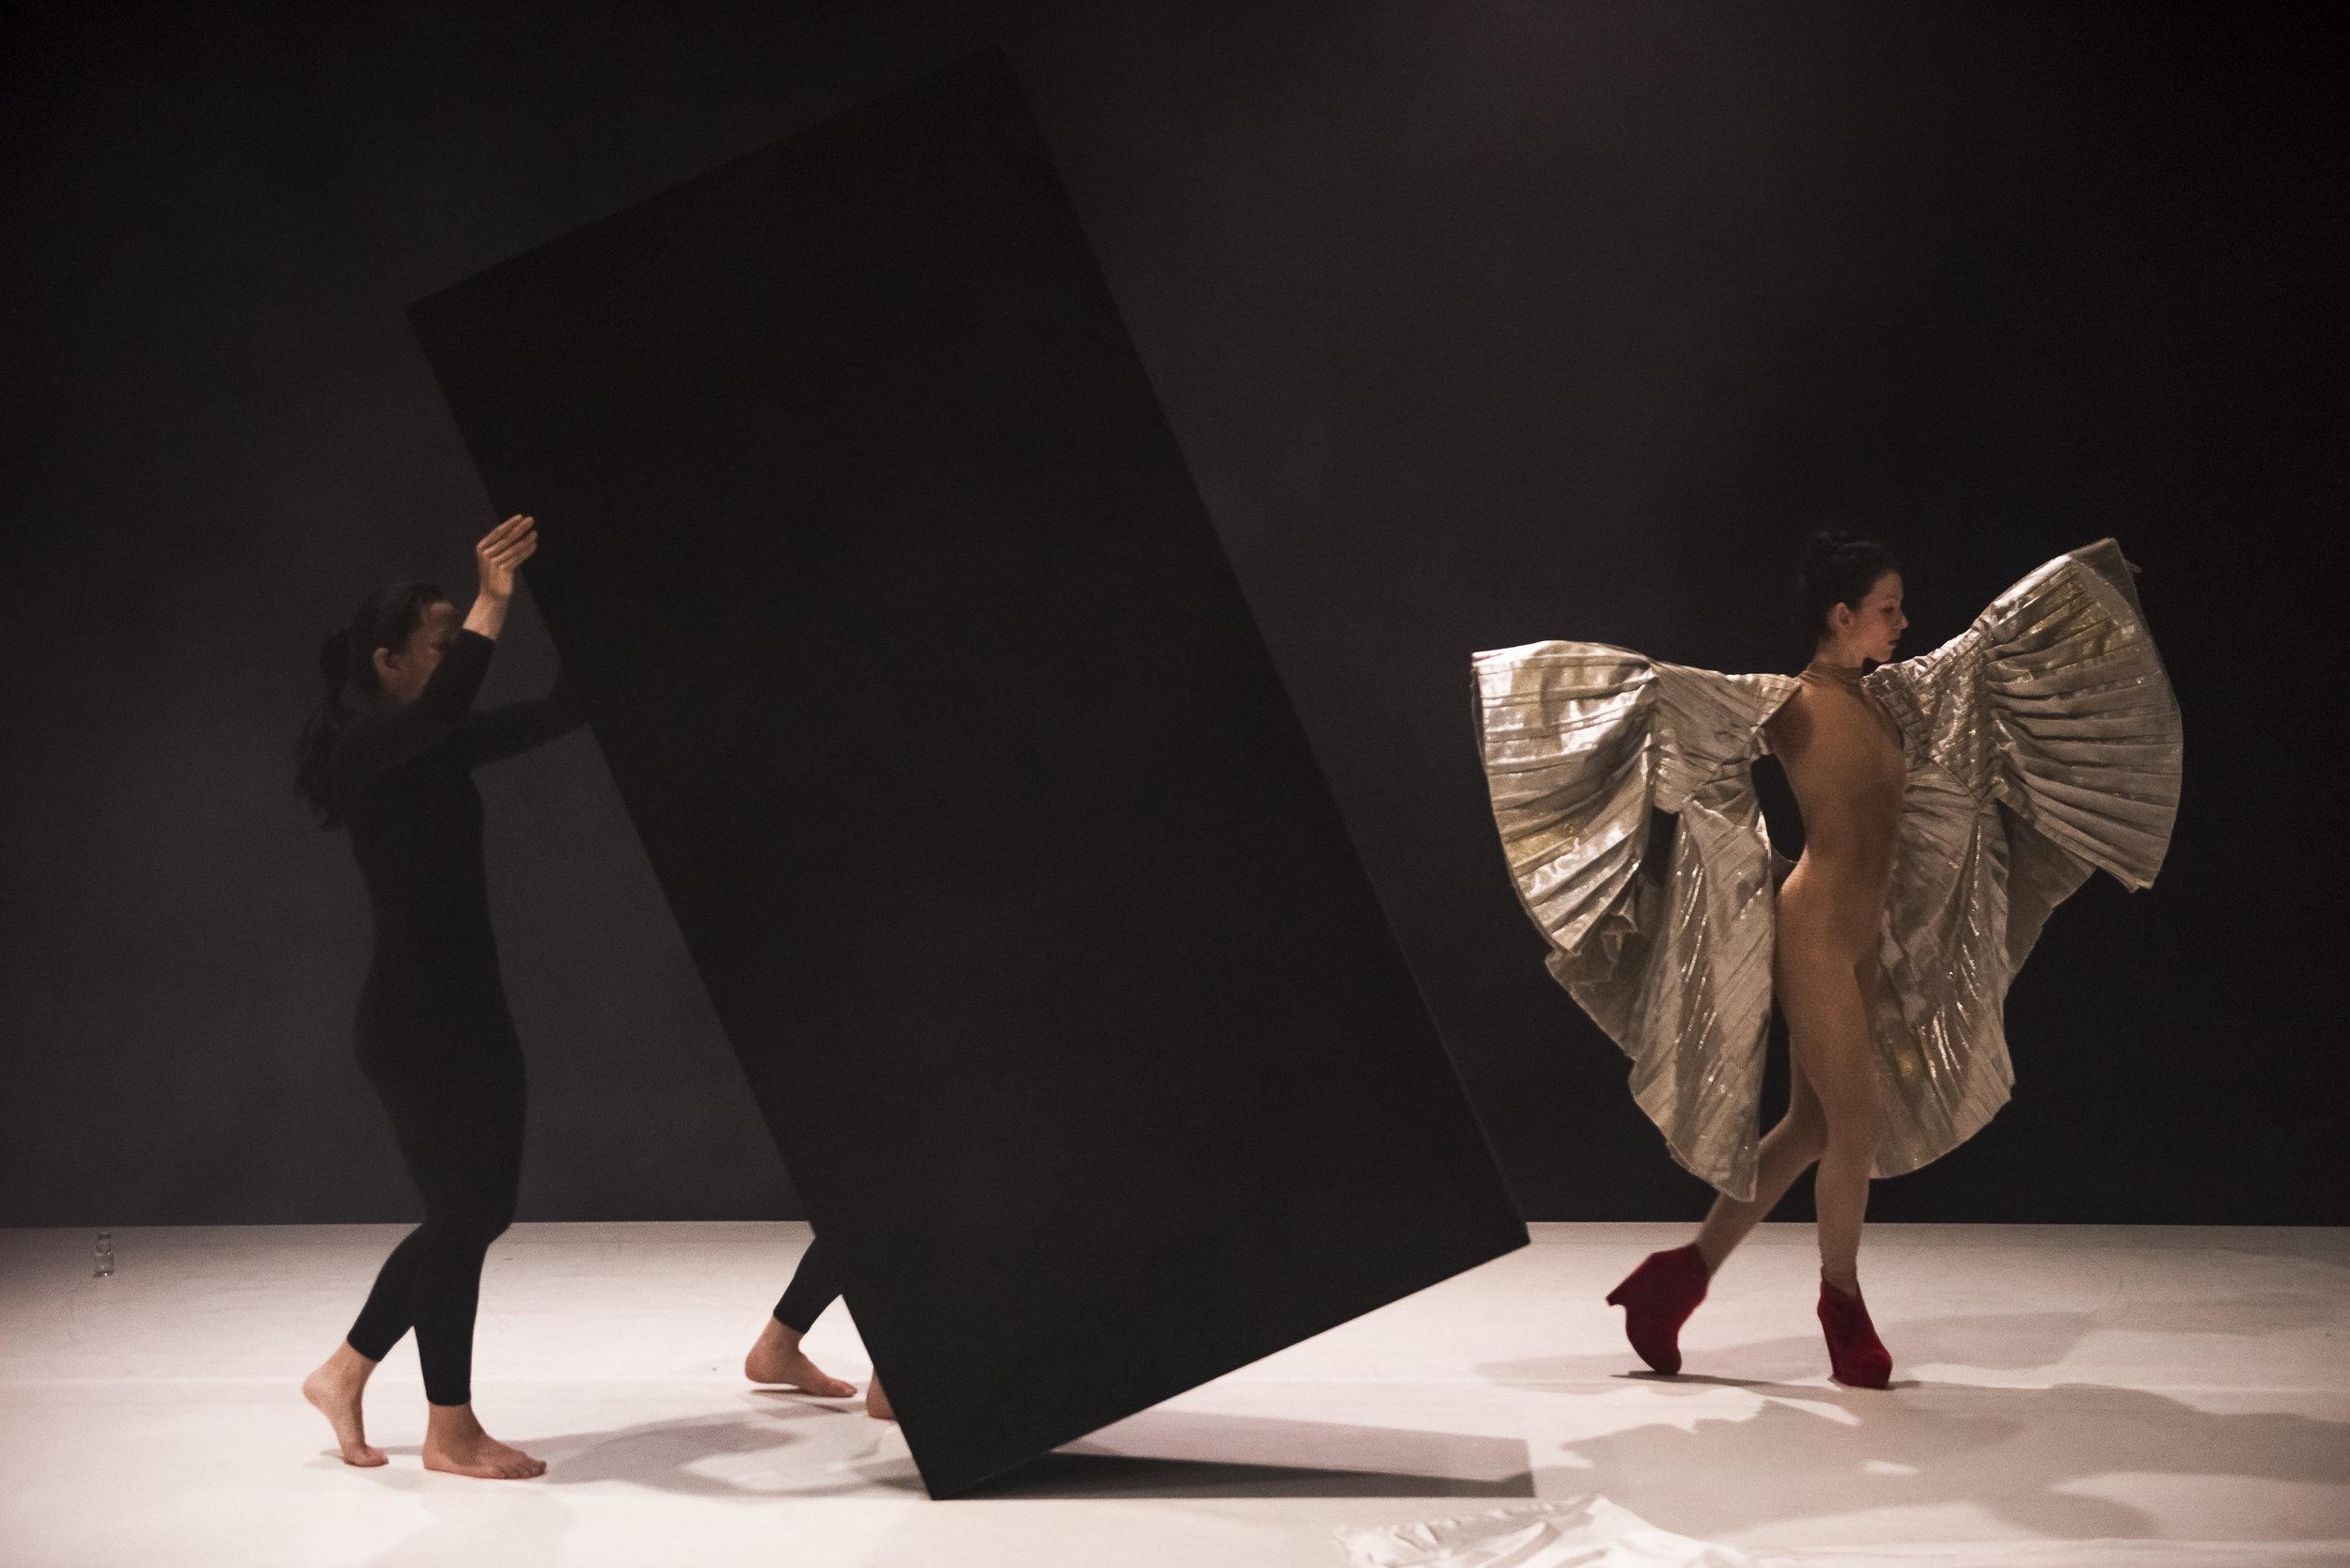 Juliet Burnett and Melanie Lane in Melanie Lane's Re-make | Chunky Move | 2016